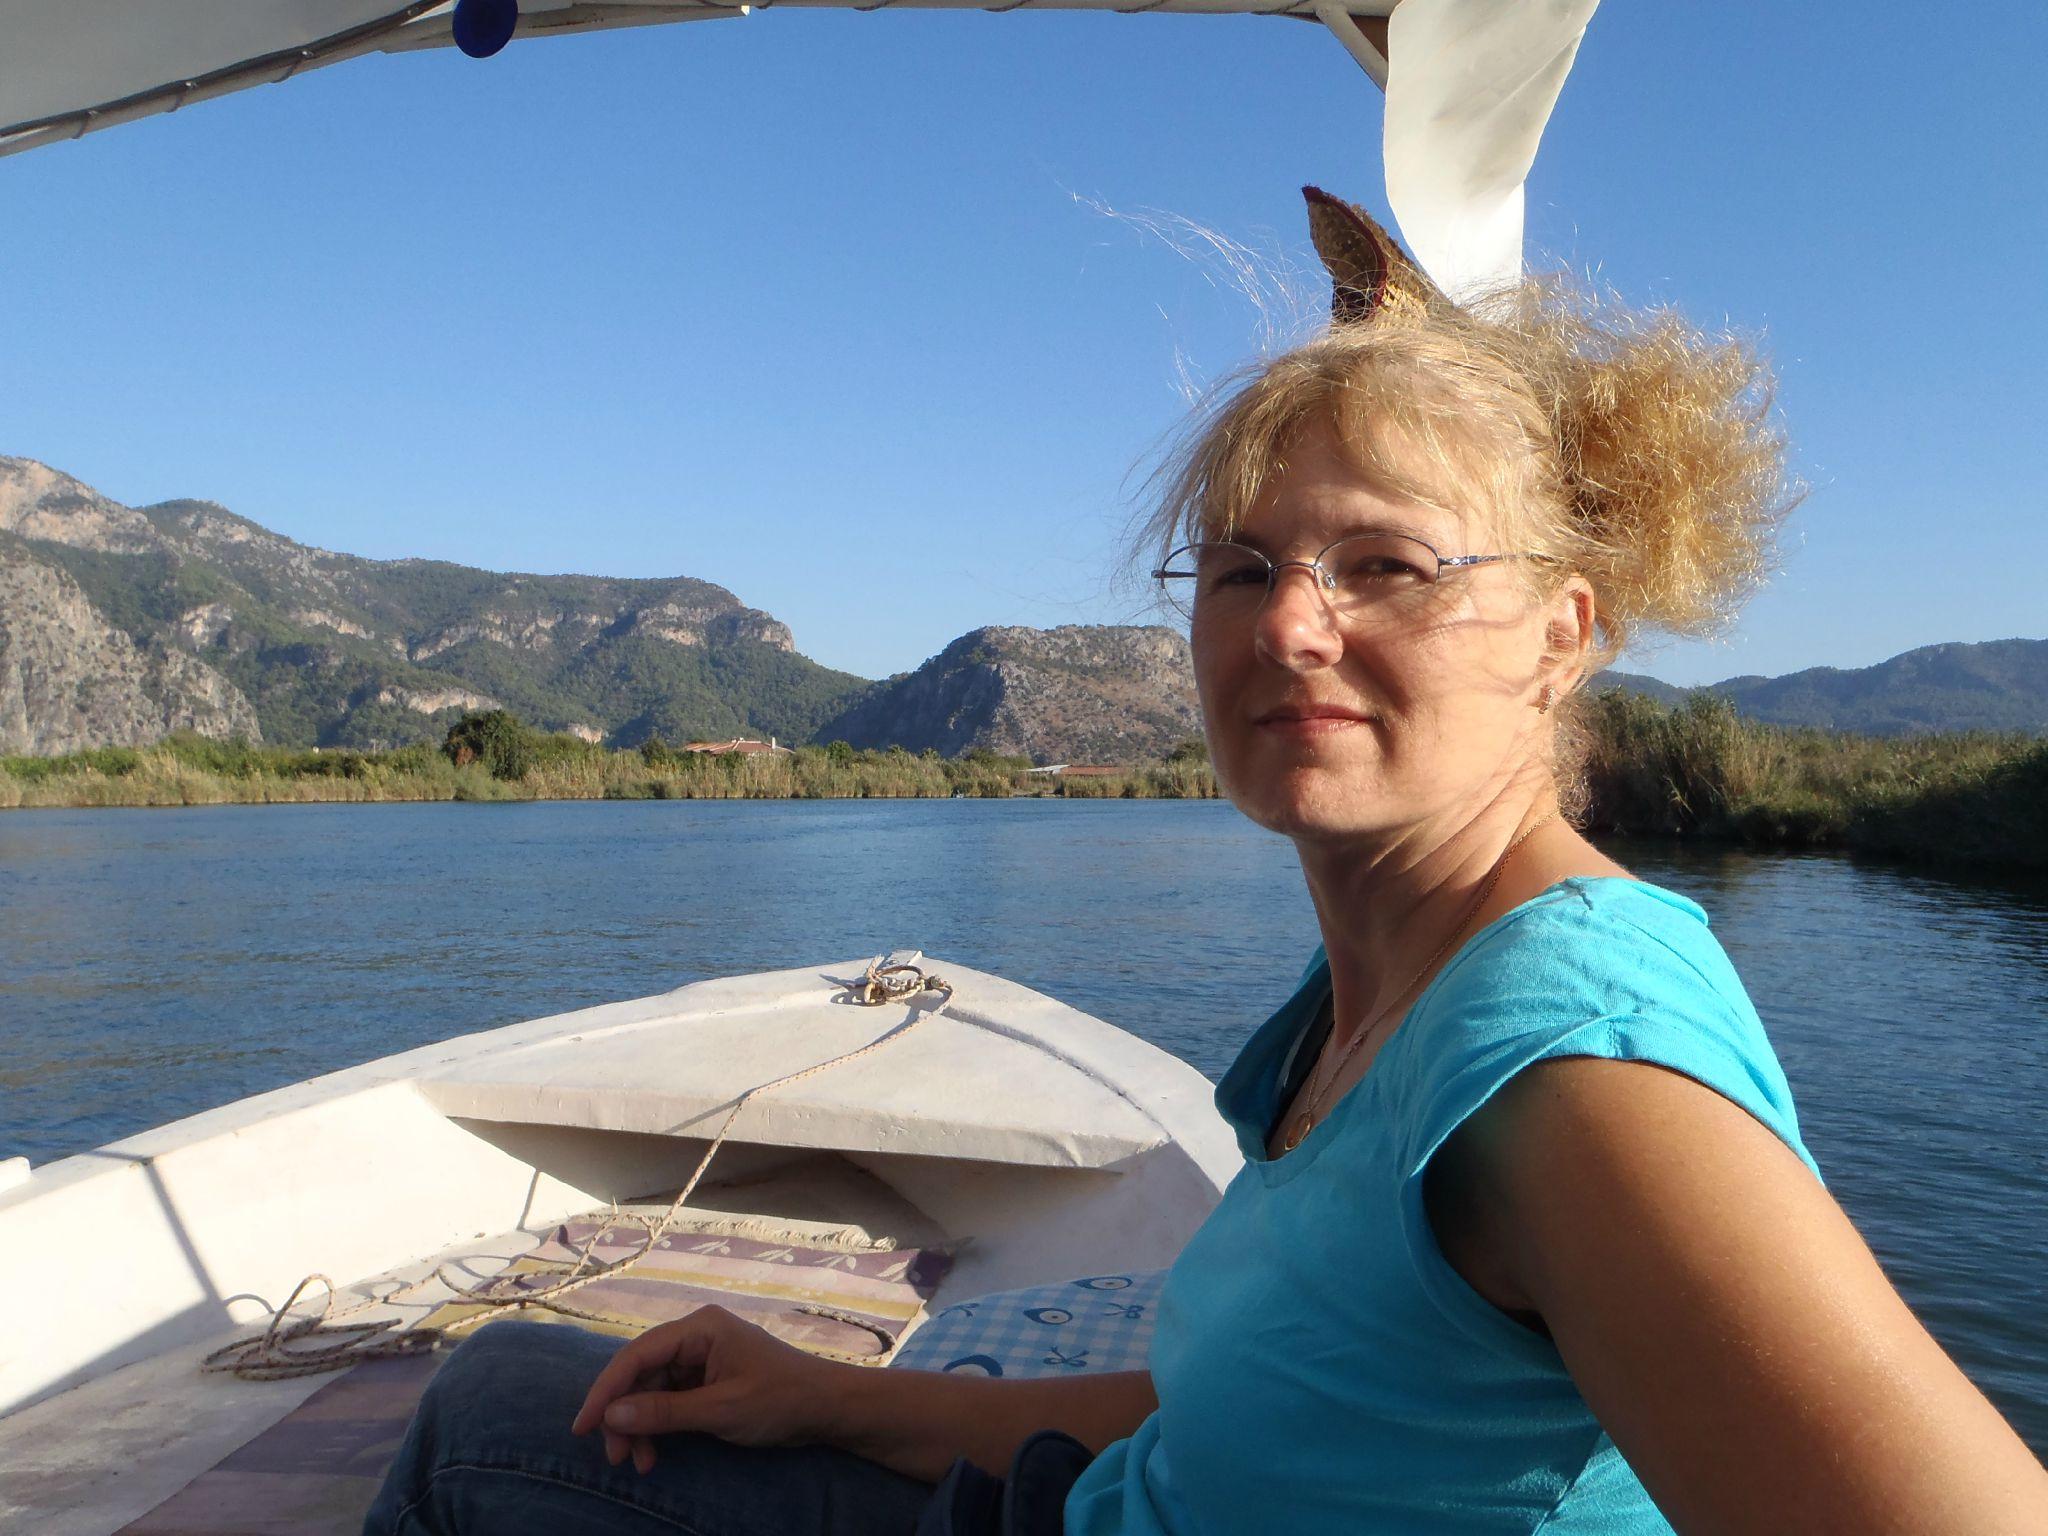 turquie : dalyan croisiere sur la riviere seuls sur le bateau